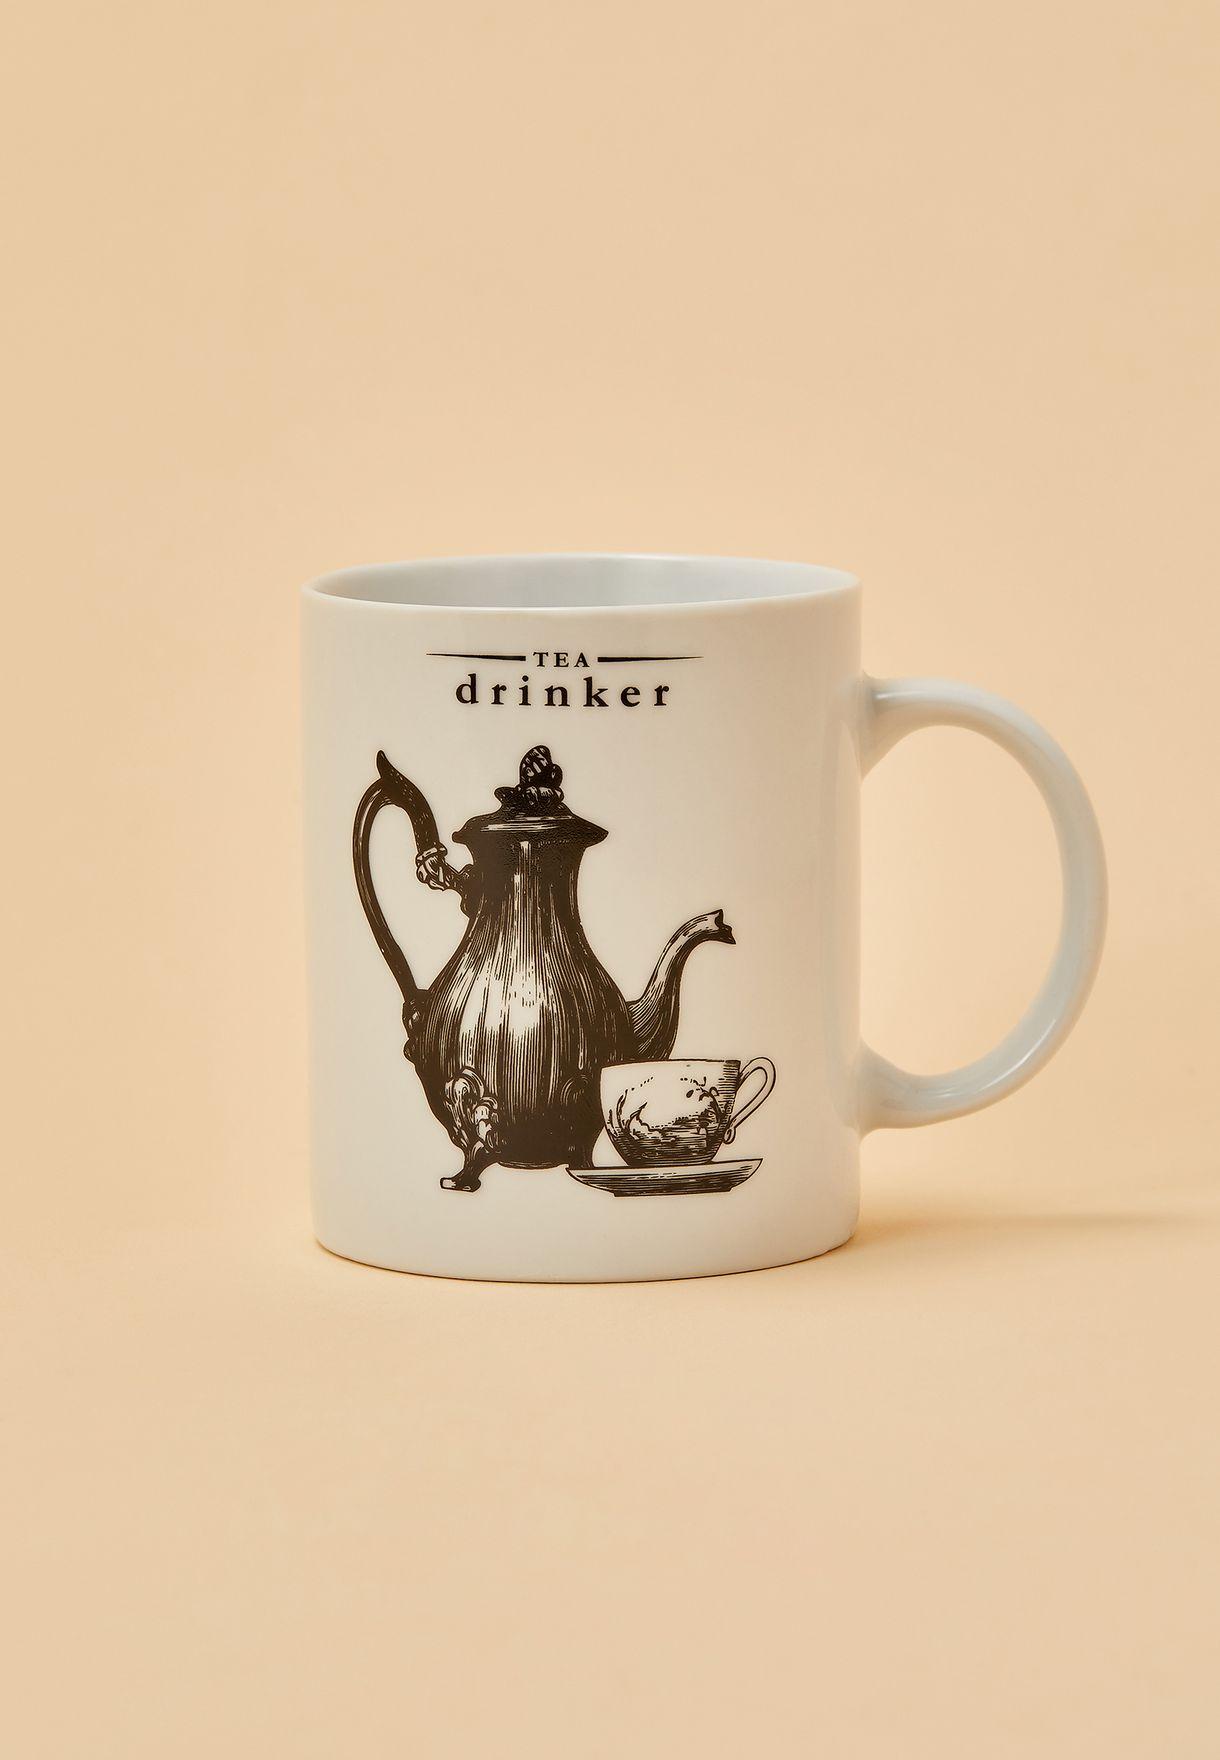 مج للشاي من البورسلين